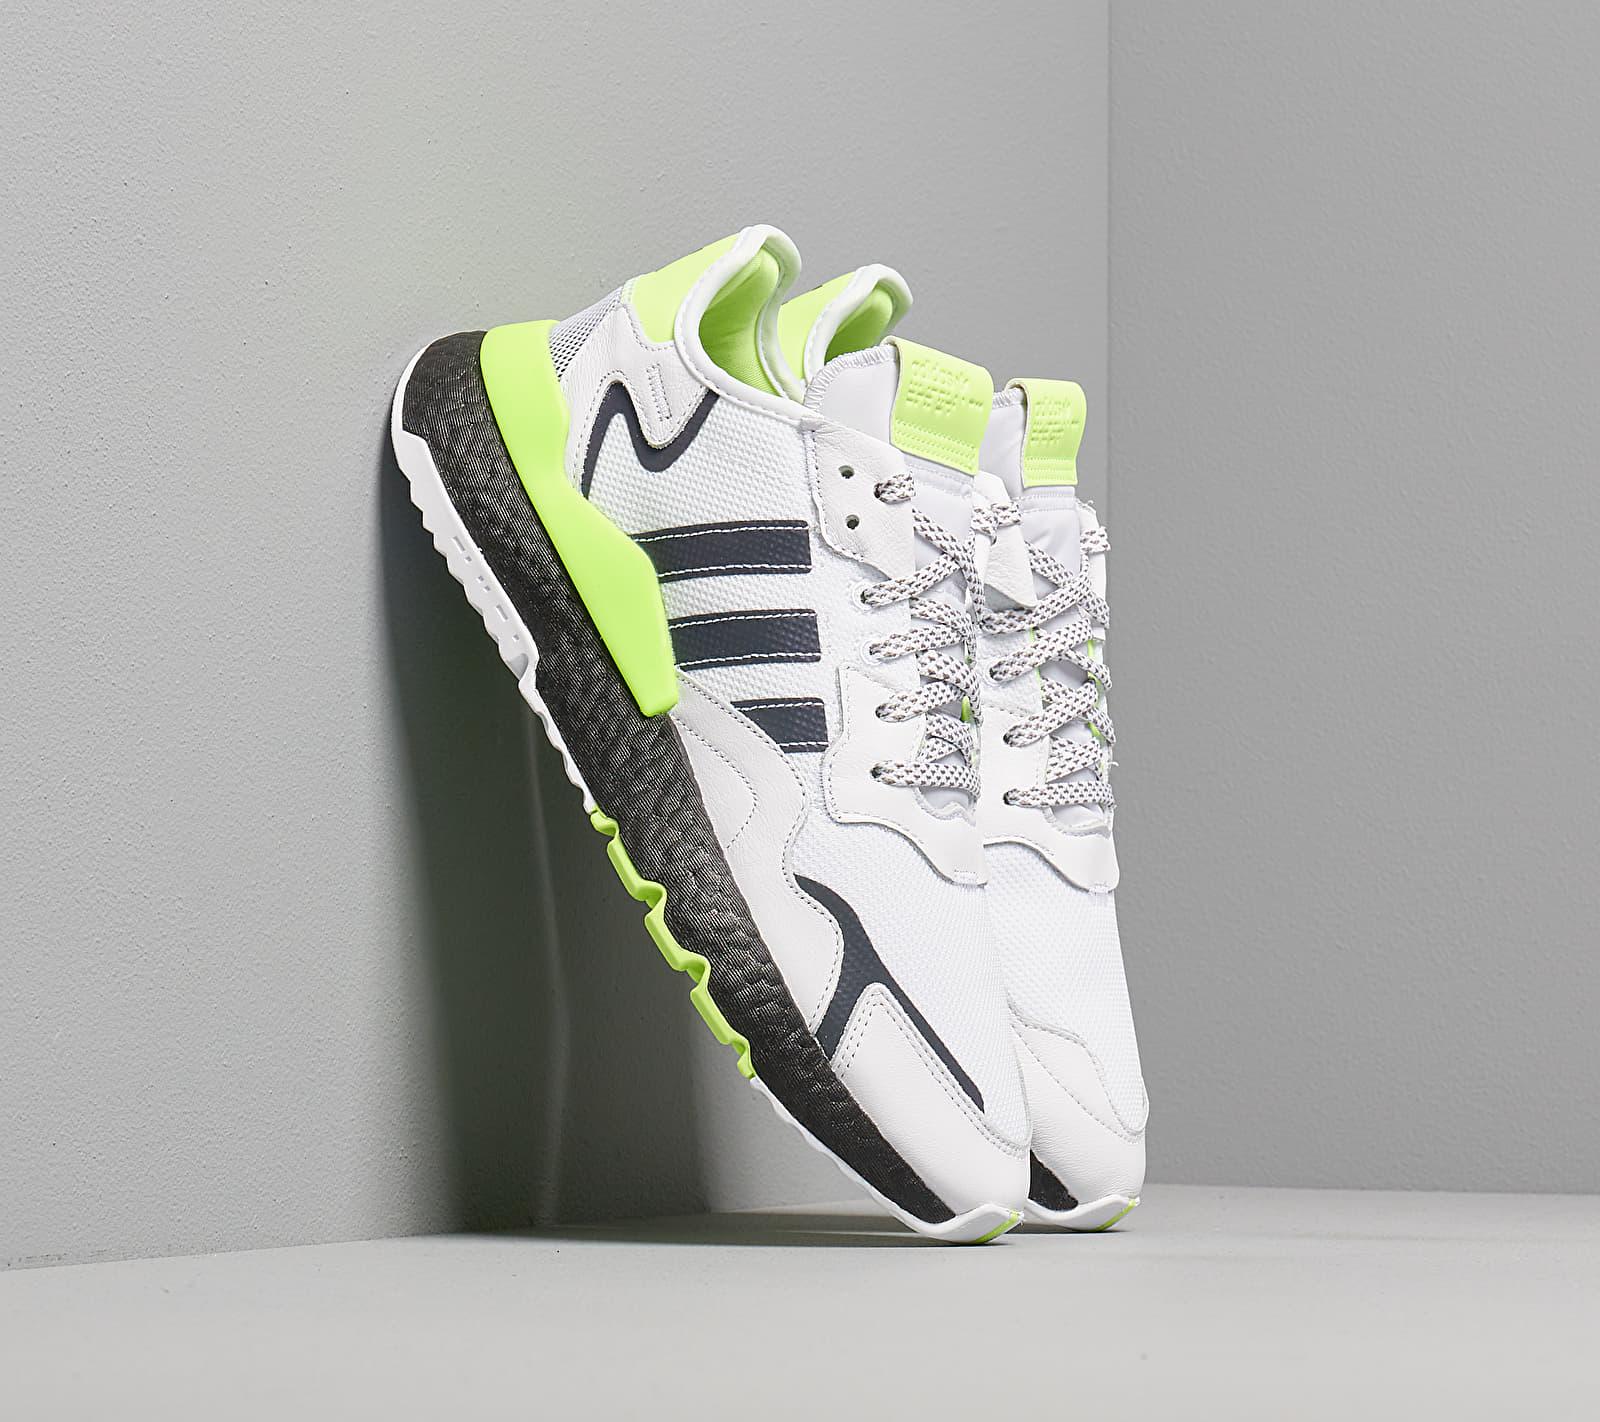 adidas Nite Jogger Ftw White/ Core Black/ Siggnr EG6749